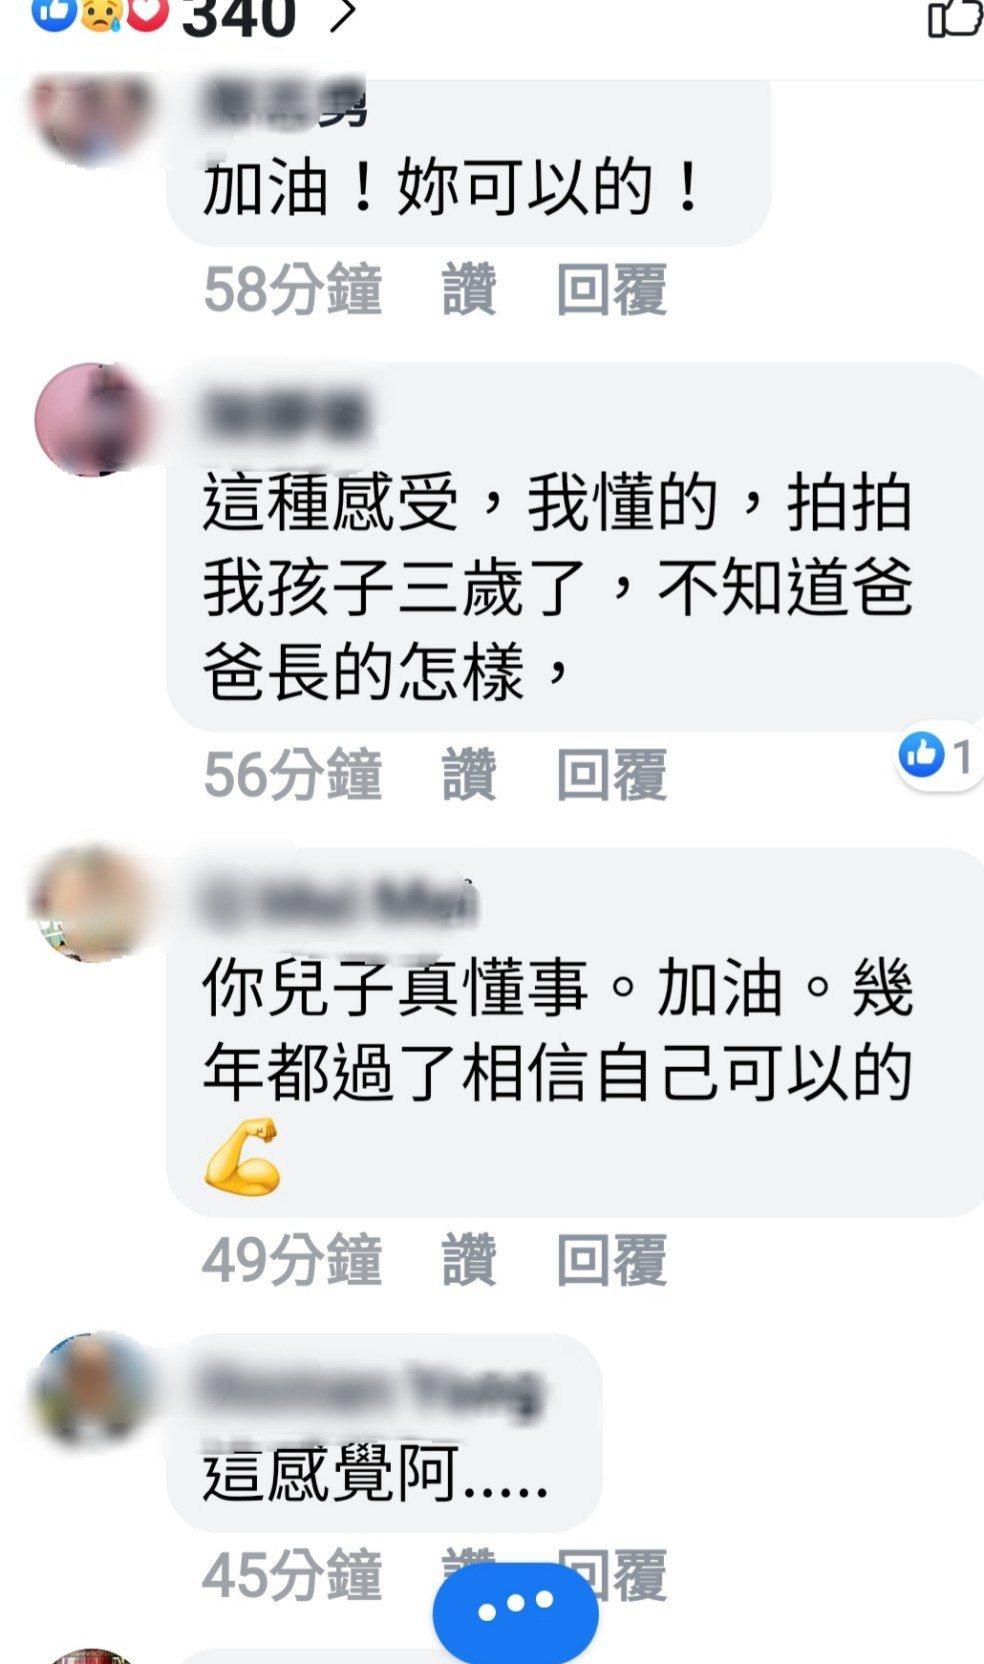 一位媽媽今天在臉書爆怨公社留言,她獨力扶養兒子,面對將到昀父親節,兒子貼心一句話...